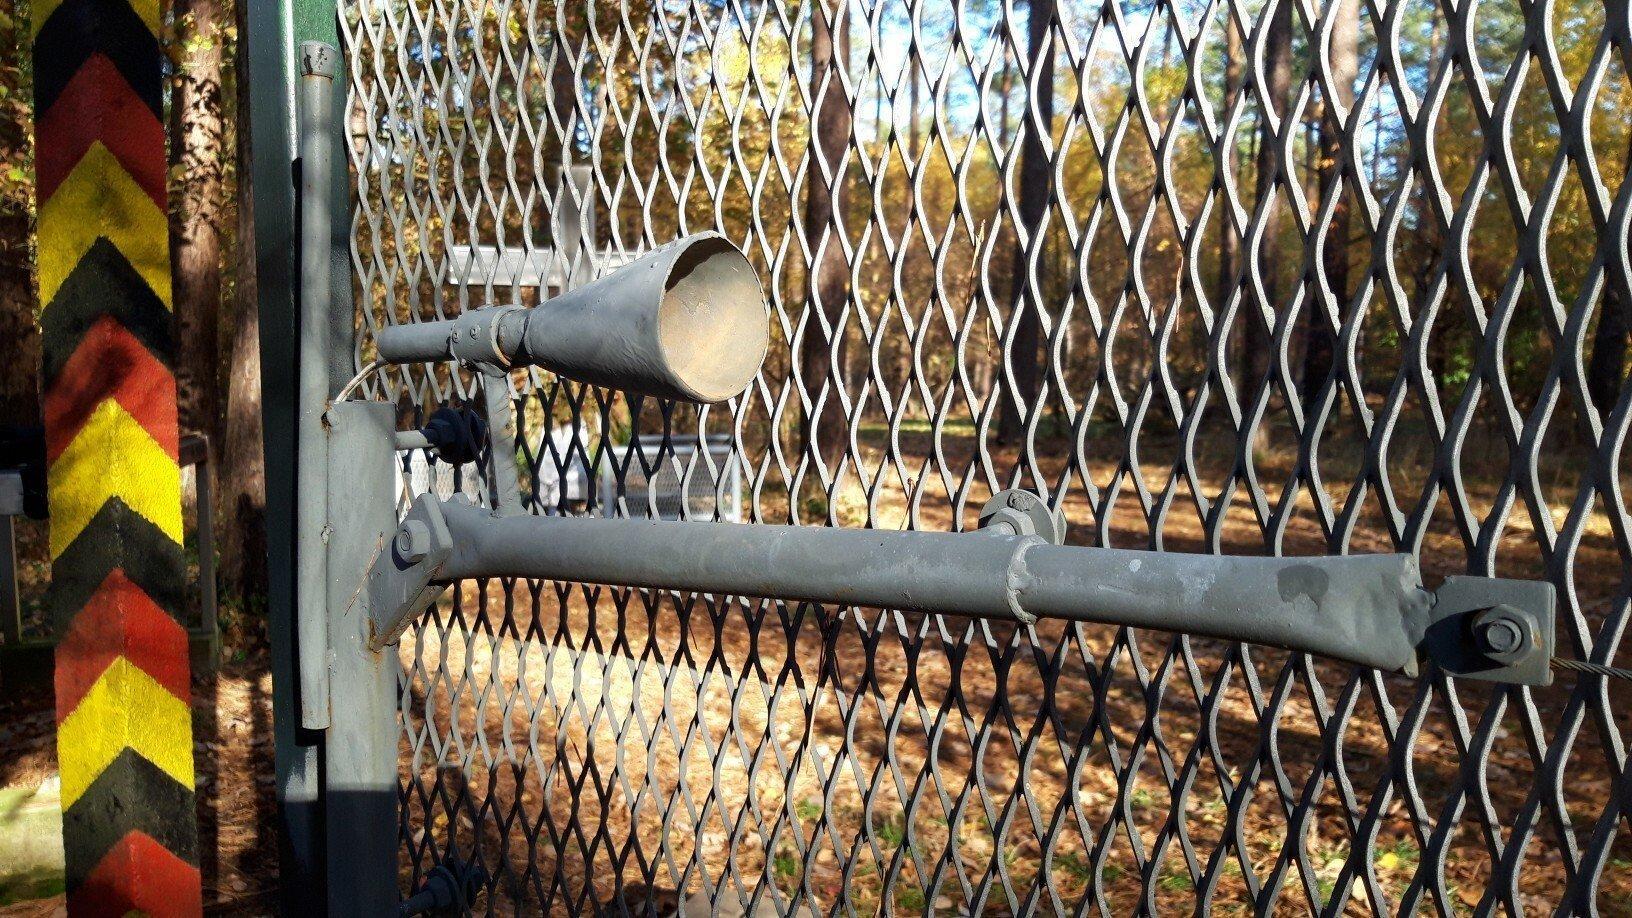 Neben einem alten DDR-Grenzpfosten steht ein Stück Zaun, an dem oben eine Selbstschussanlage montiert ist.